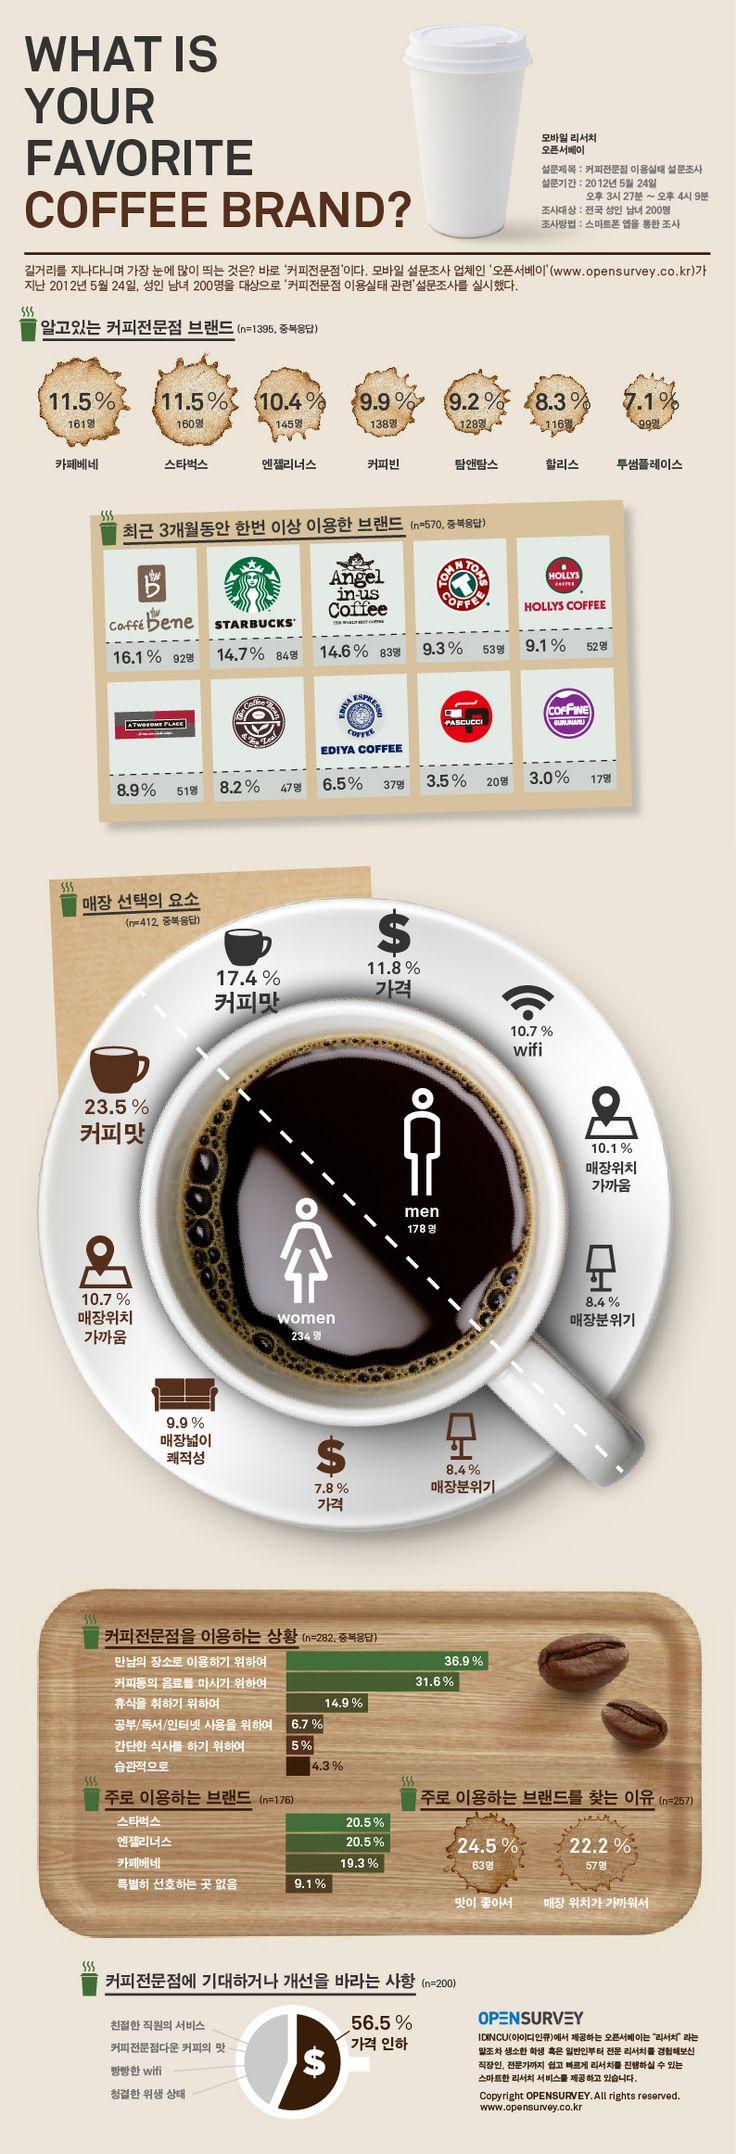 커피브랜드 이용실태